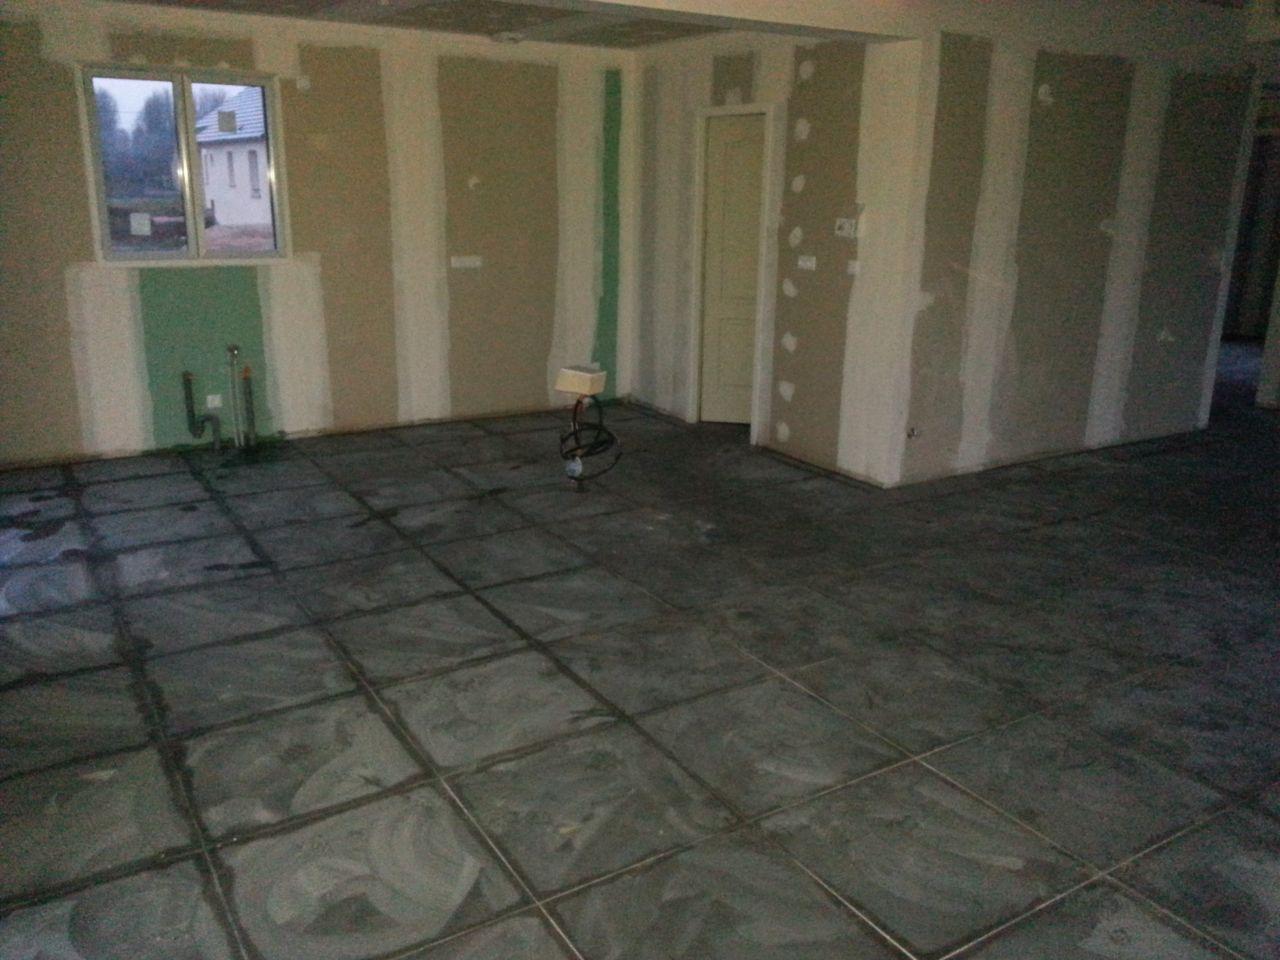 raccordement de la maison raccordement gaz attention aux arnaques un beau carrelage tr s. Black Bedroom Furniture Sets. Home Design Ideas